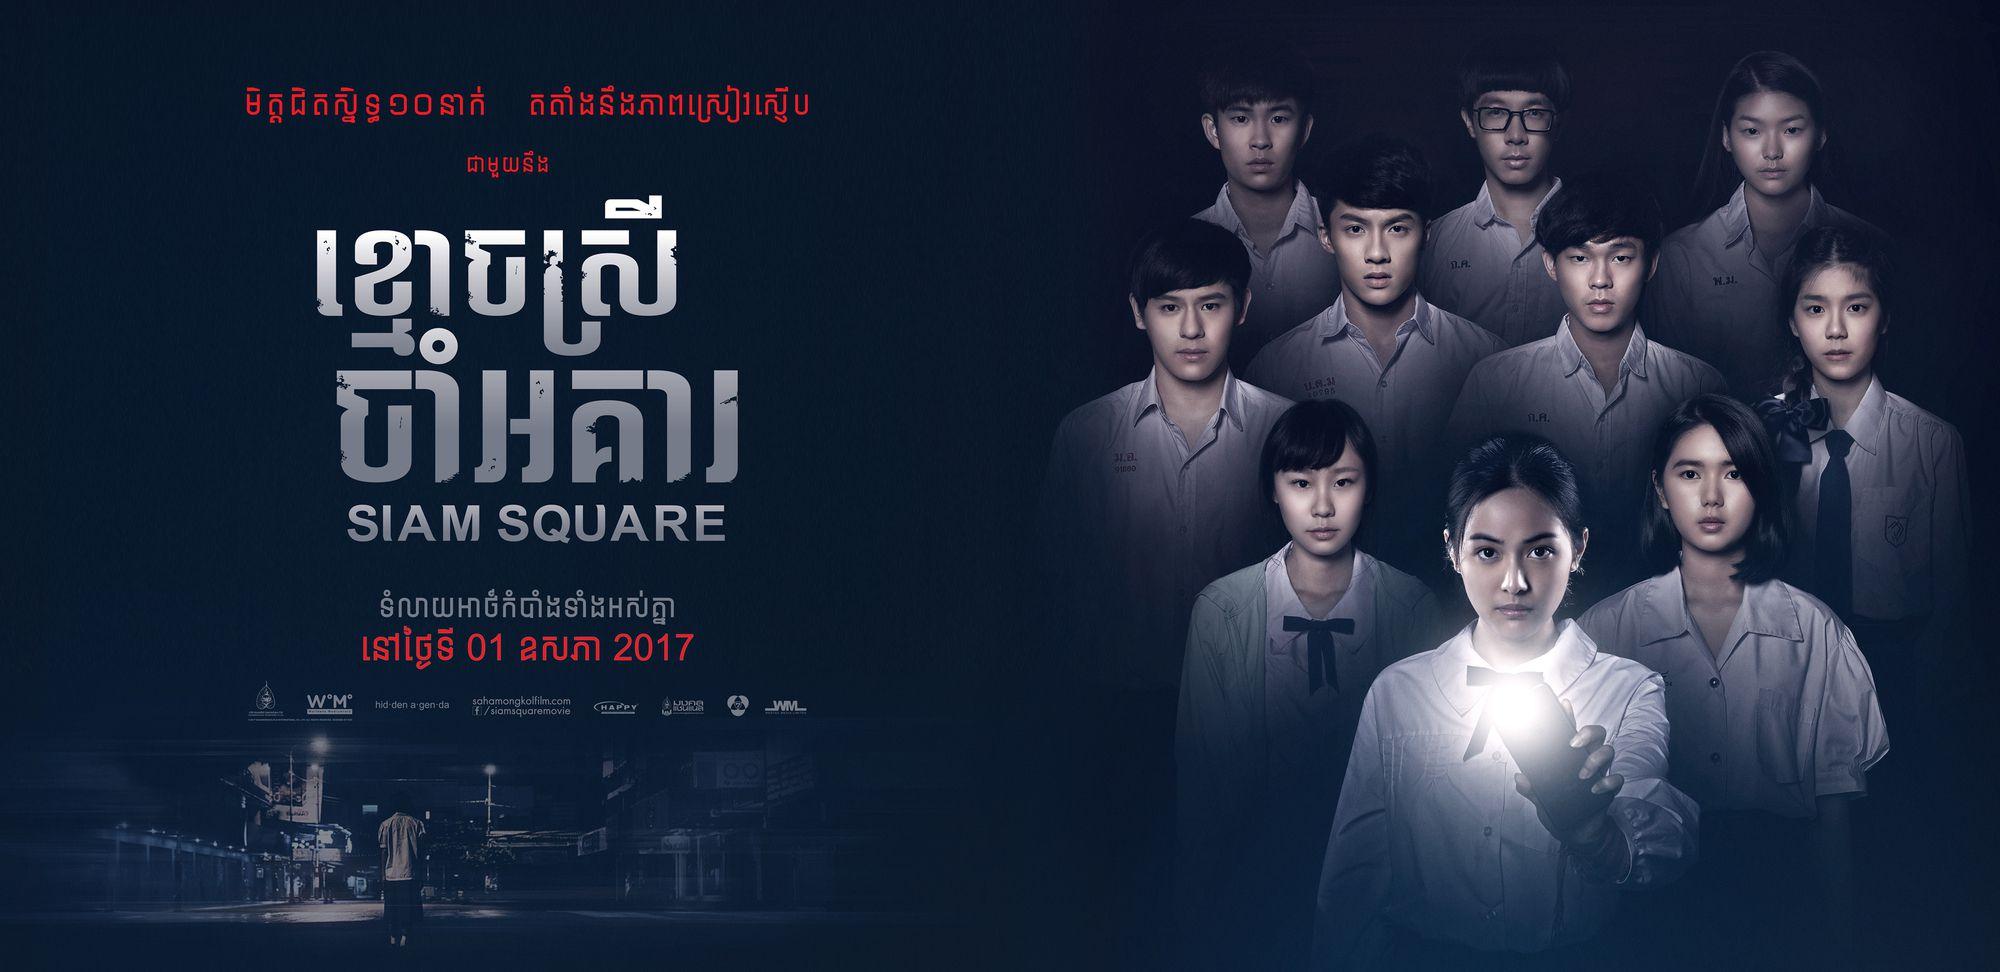 4 phim kinh dị Thái hấp dẫn cho mùa Halloween năm 2017 (4)